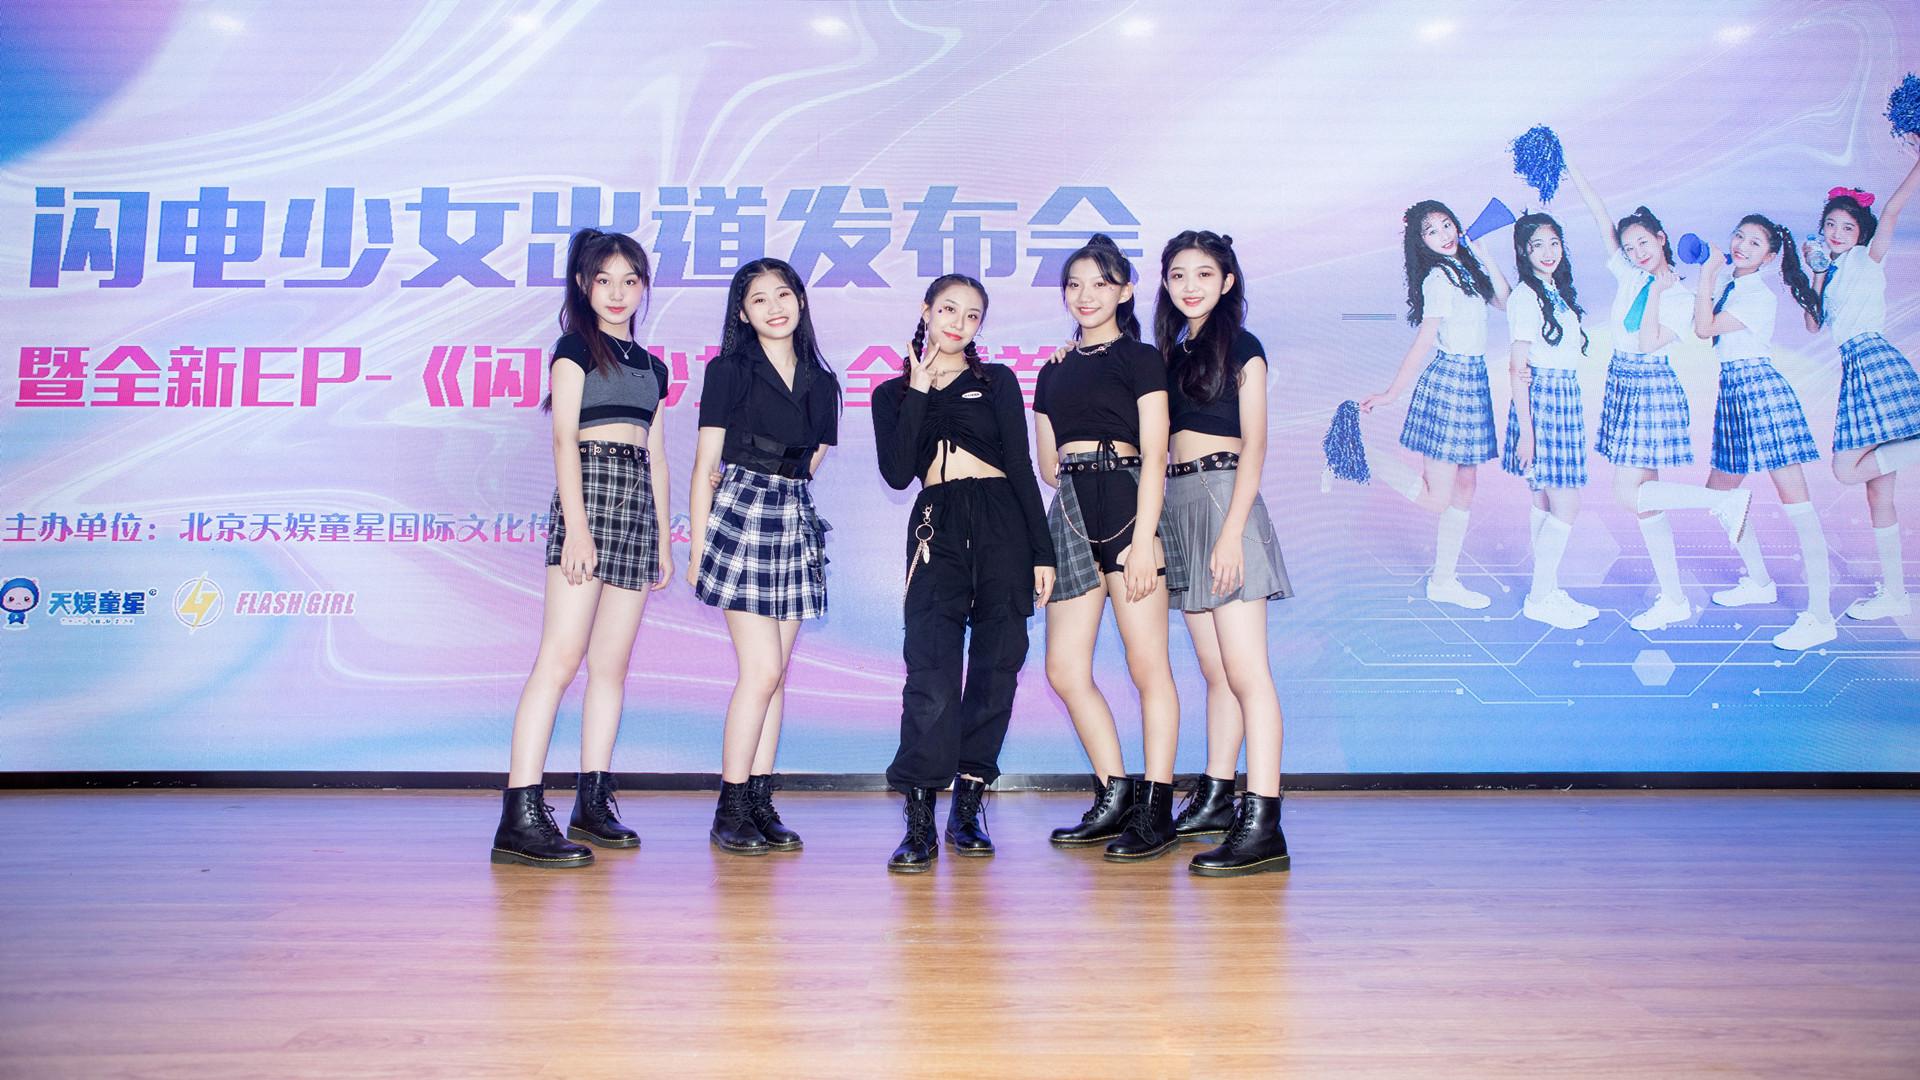 闪电少女出道发布会暨全新EP《闪电少女》全球首秀在京成功举办